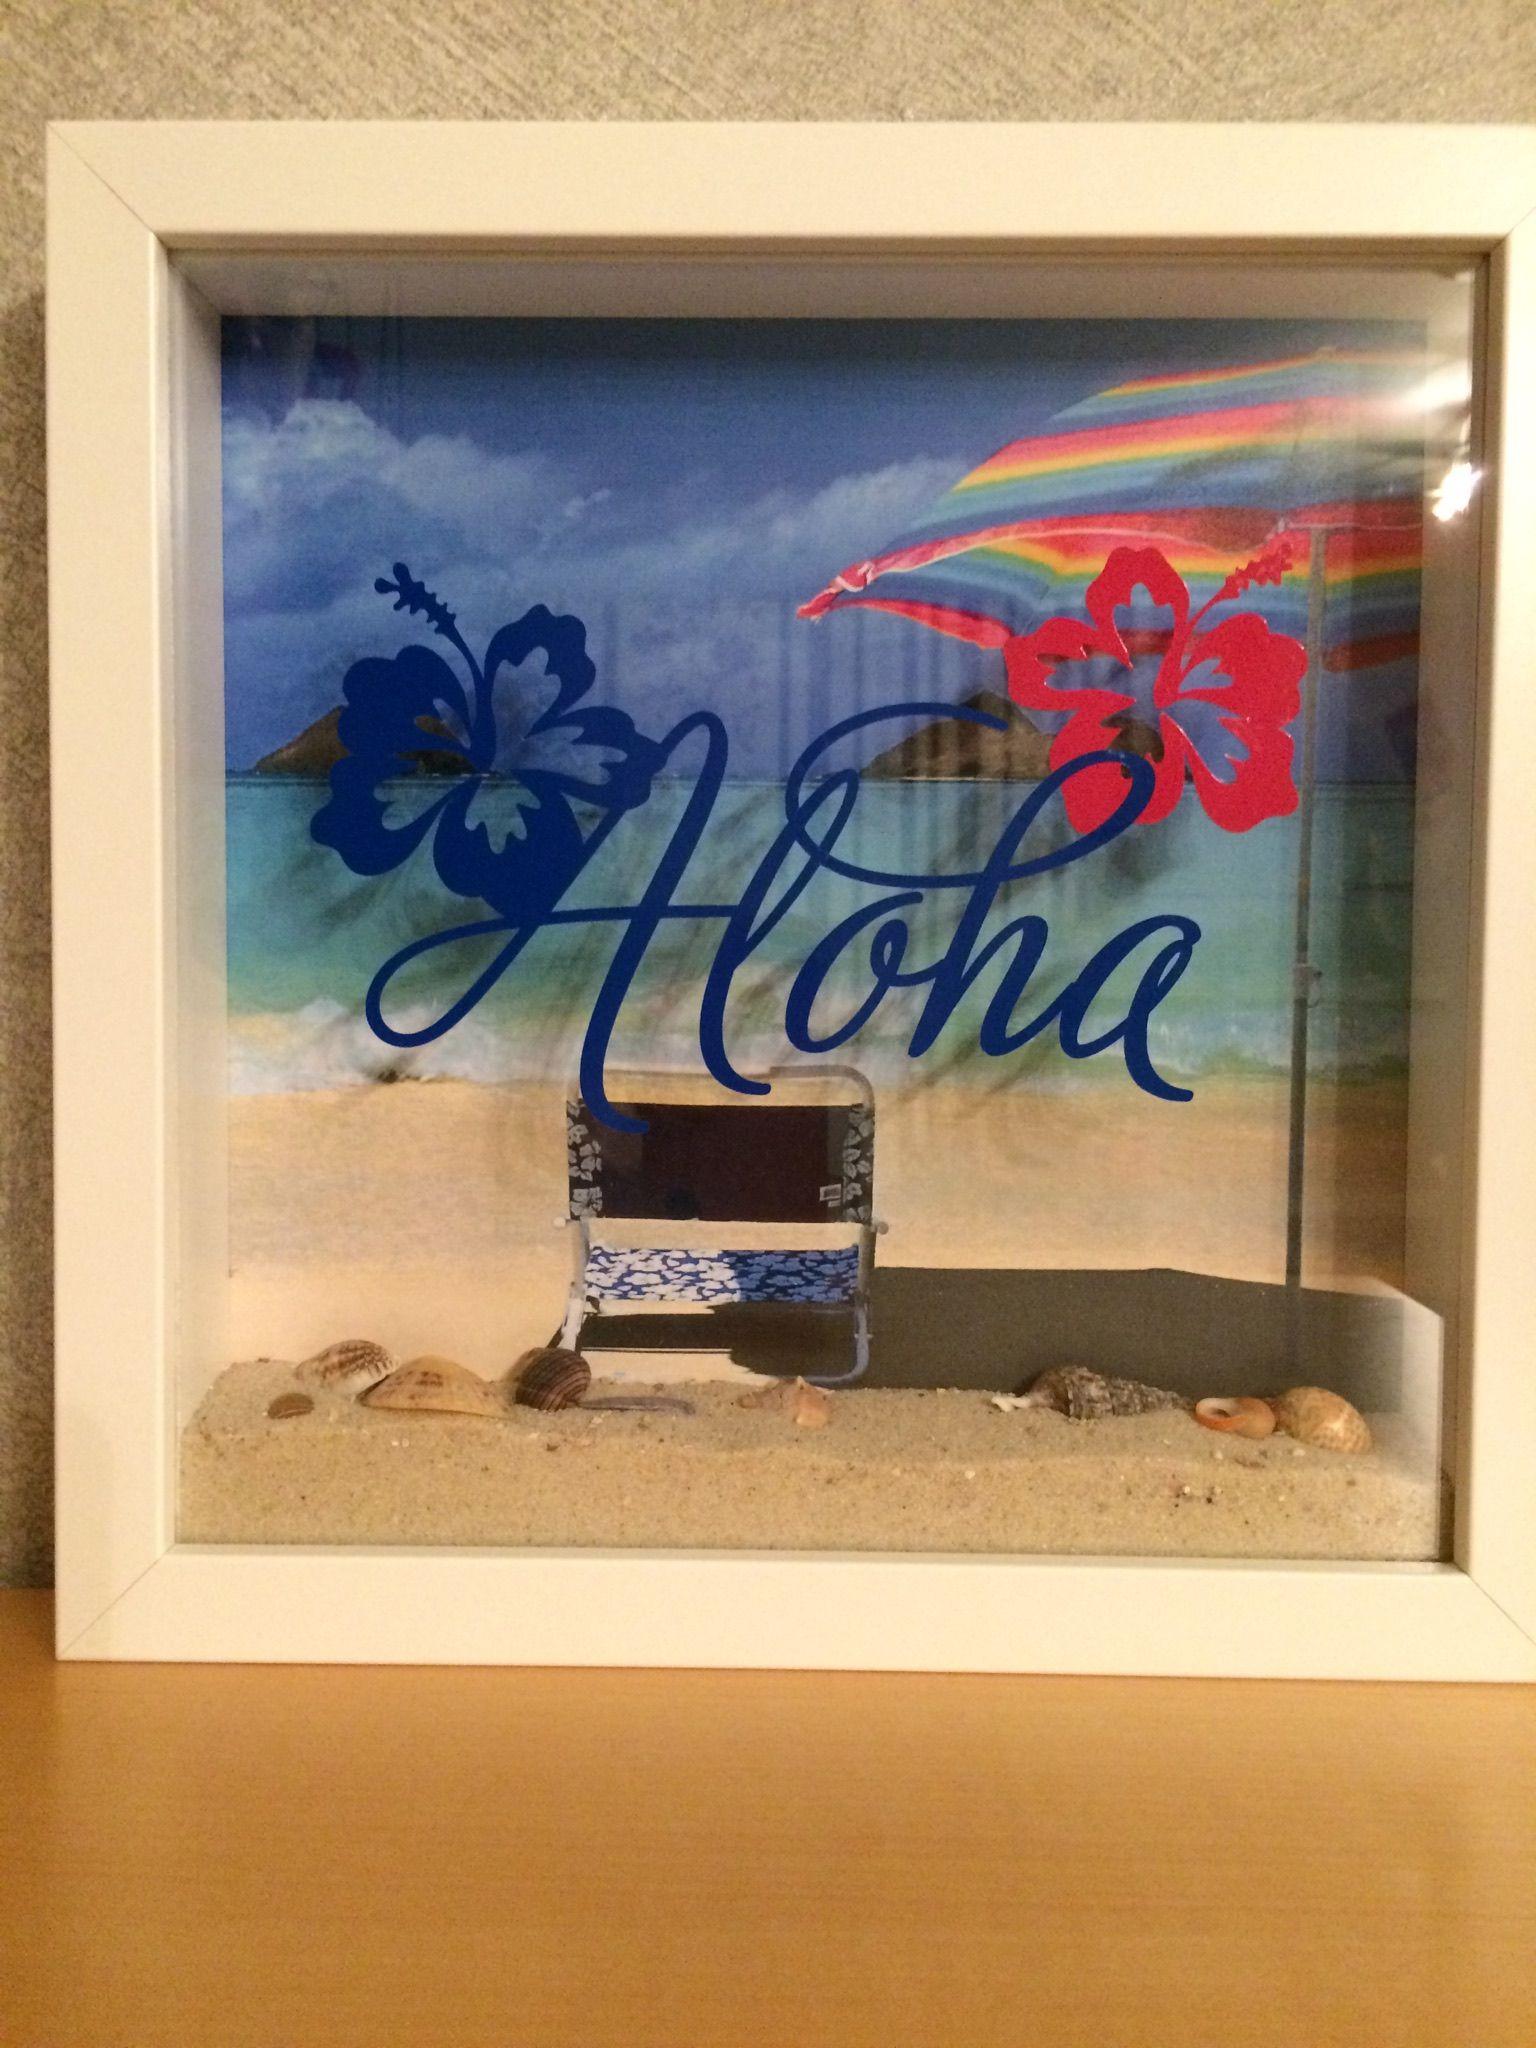 aloha - strand im ribba-rahmen mit echtem sand und muscheln | eigene